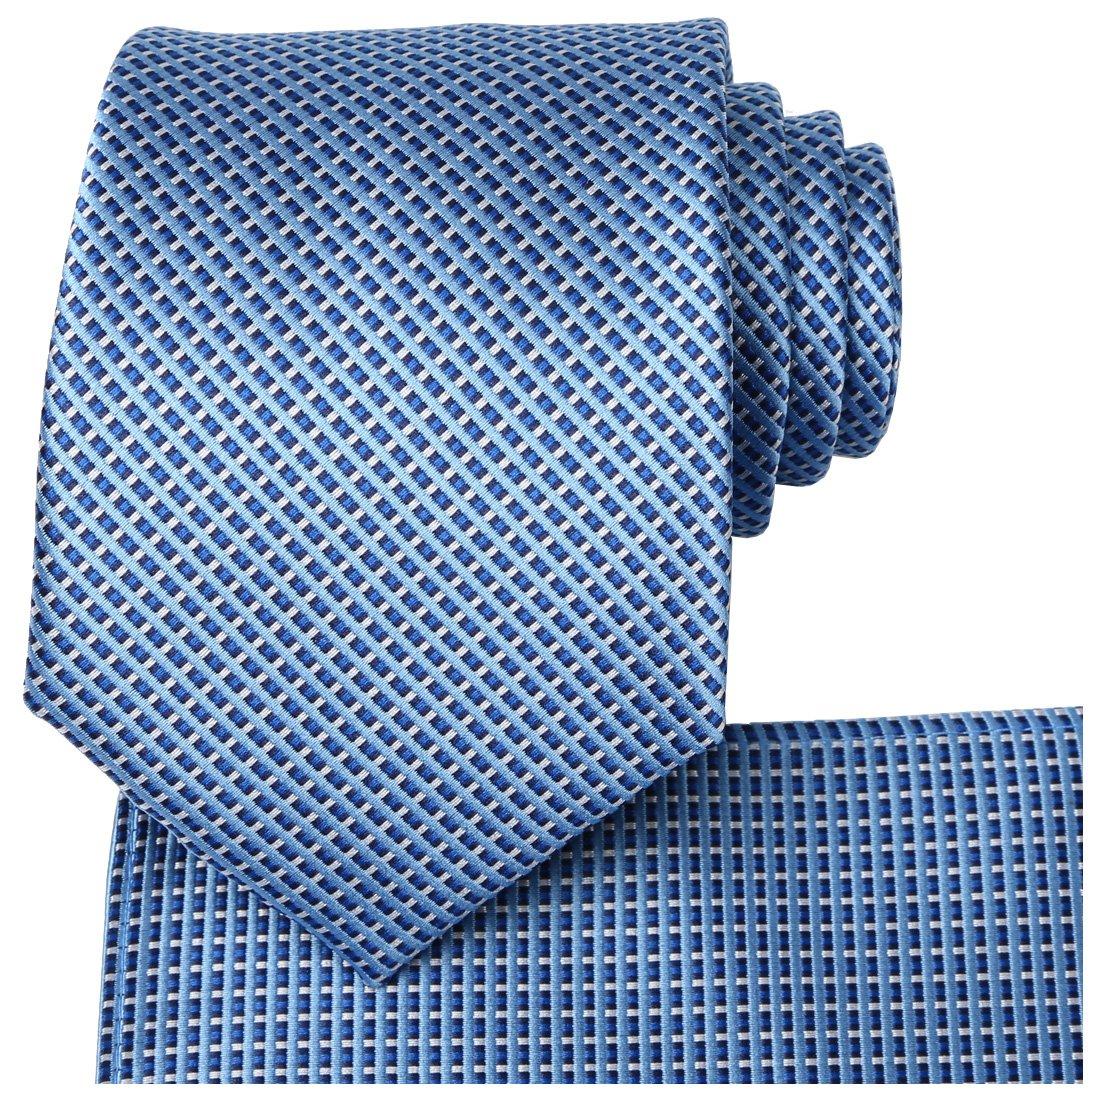 KissTies Mens Blue Tie Set Blue Ties + Pocket Square